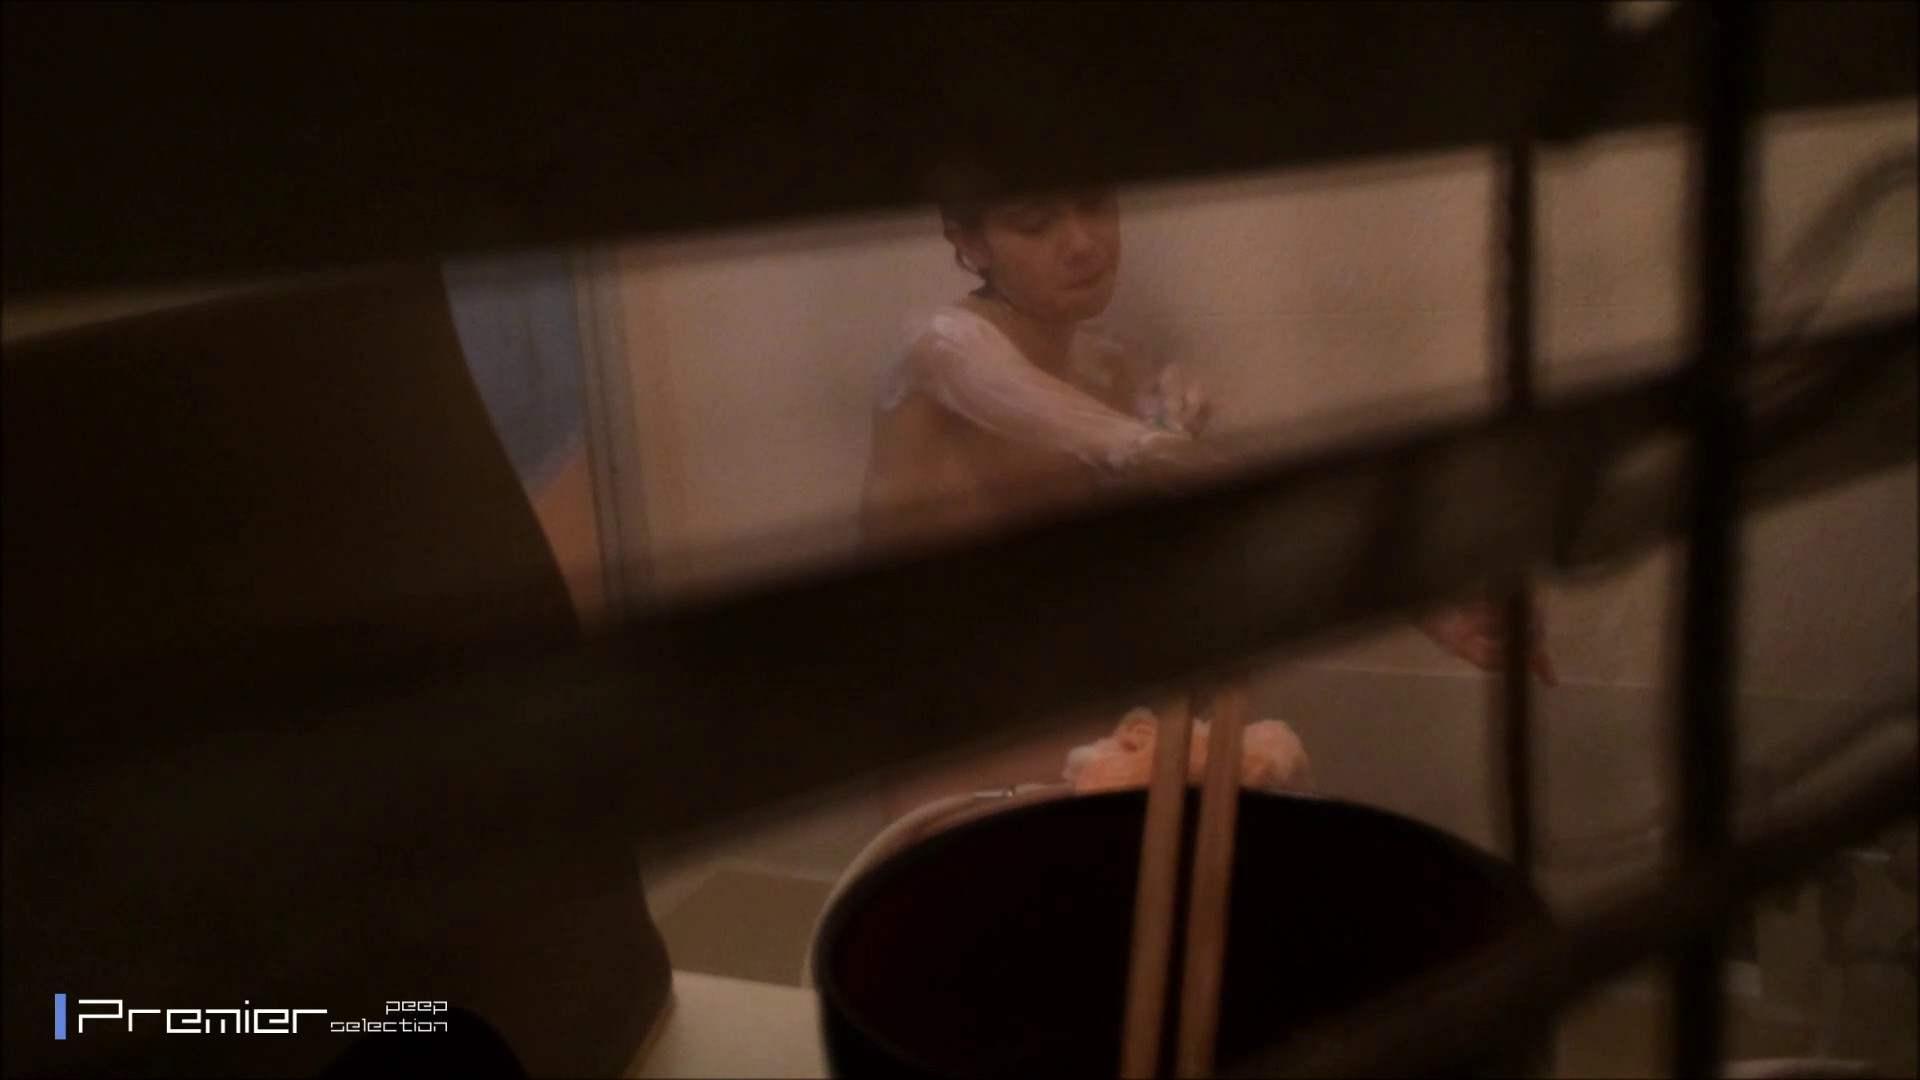 高画質フルハイビジョン スレンダー美女の入浴 乙女の風呂場 Vol.04 OLハメ撮り  94Pix 64